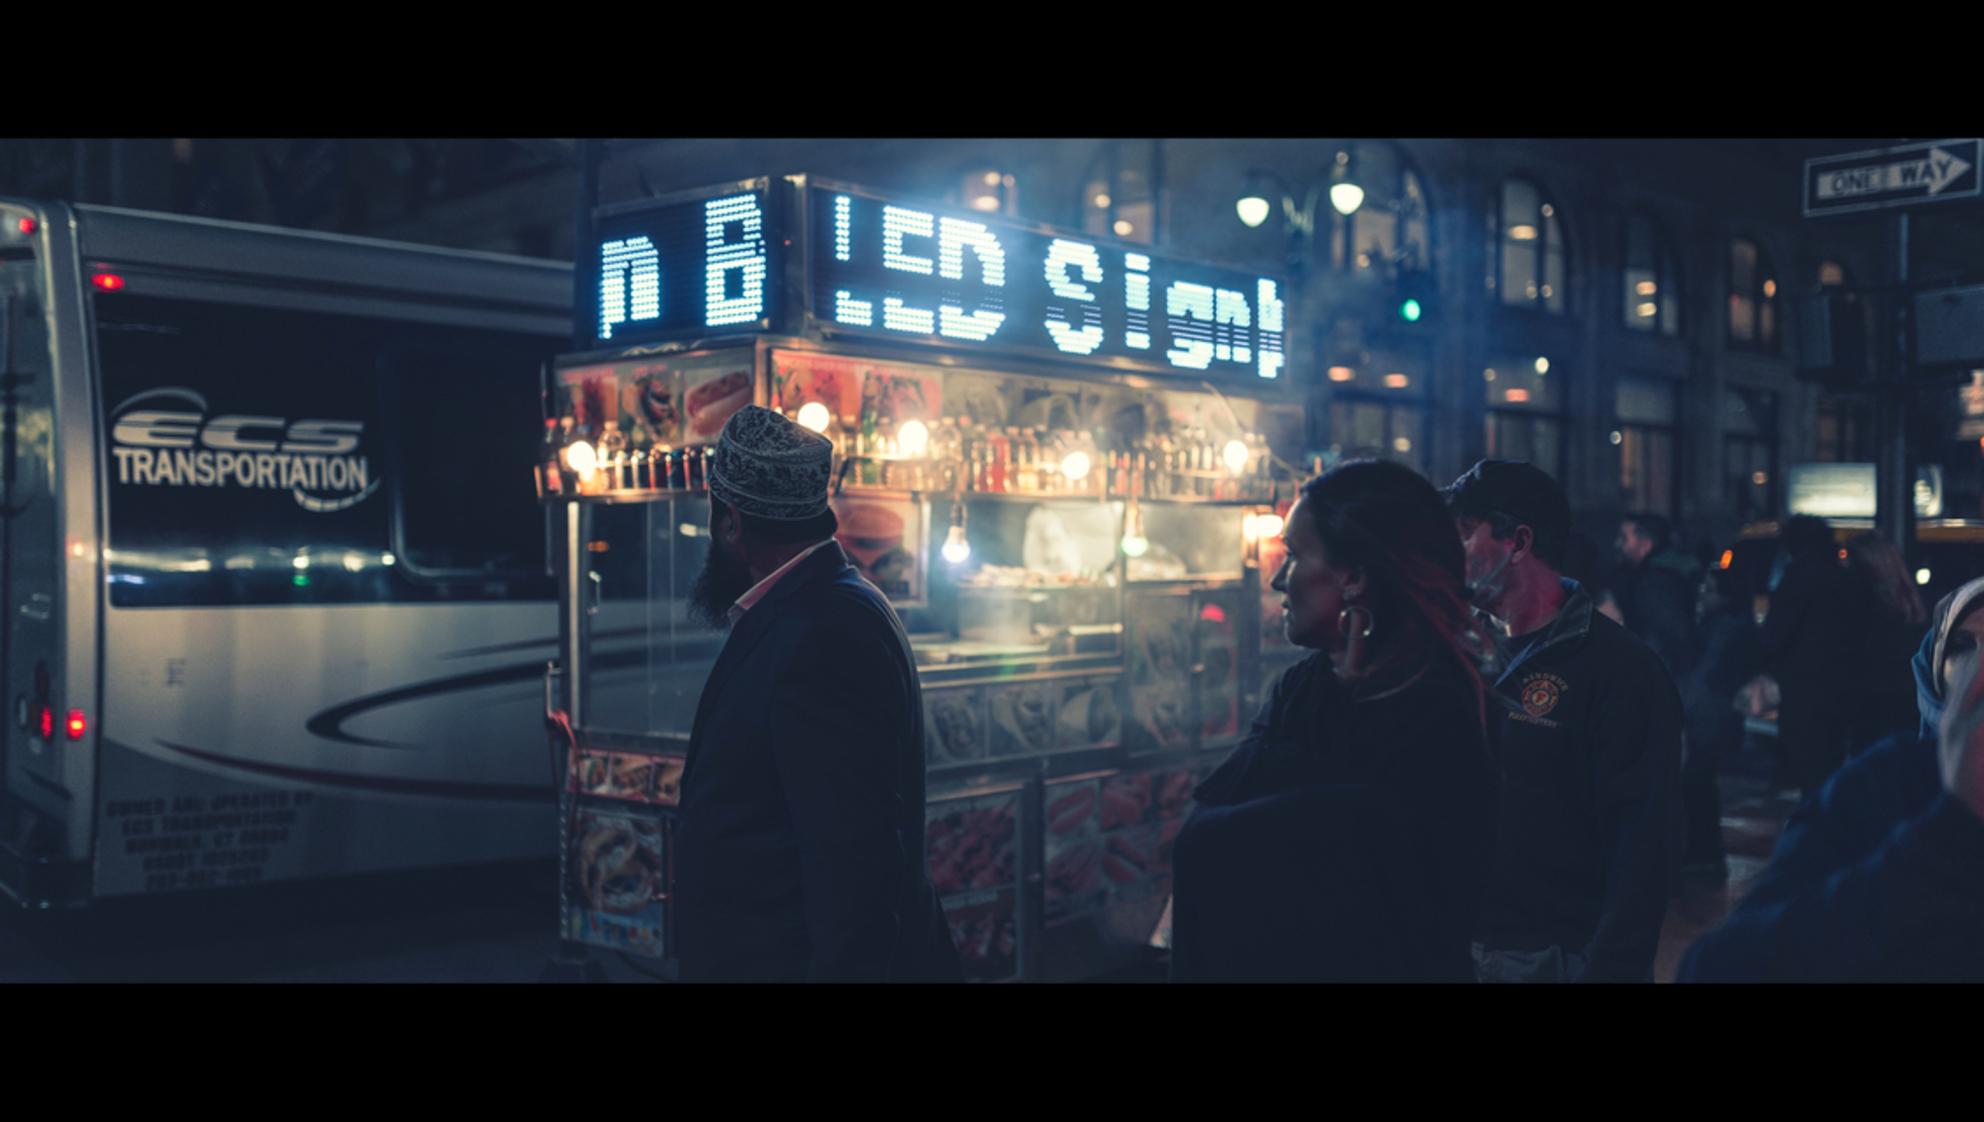 Signs - [view full screen in a dark setting] - foto door CHRIZ op 10-01-2019 - deze foto bevat: man, vrouw, mensen, straat, licht, avond, nyc, nacht, film, manhattan, straatfotografie, 35mm, New York, cinematic, cinematic street - Deze foto mag gebruikt worden in een Zoom.nl publicatie